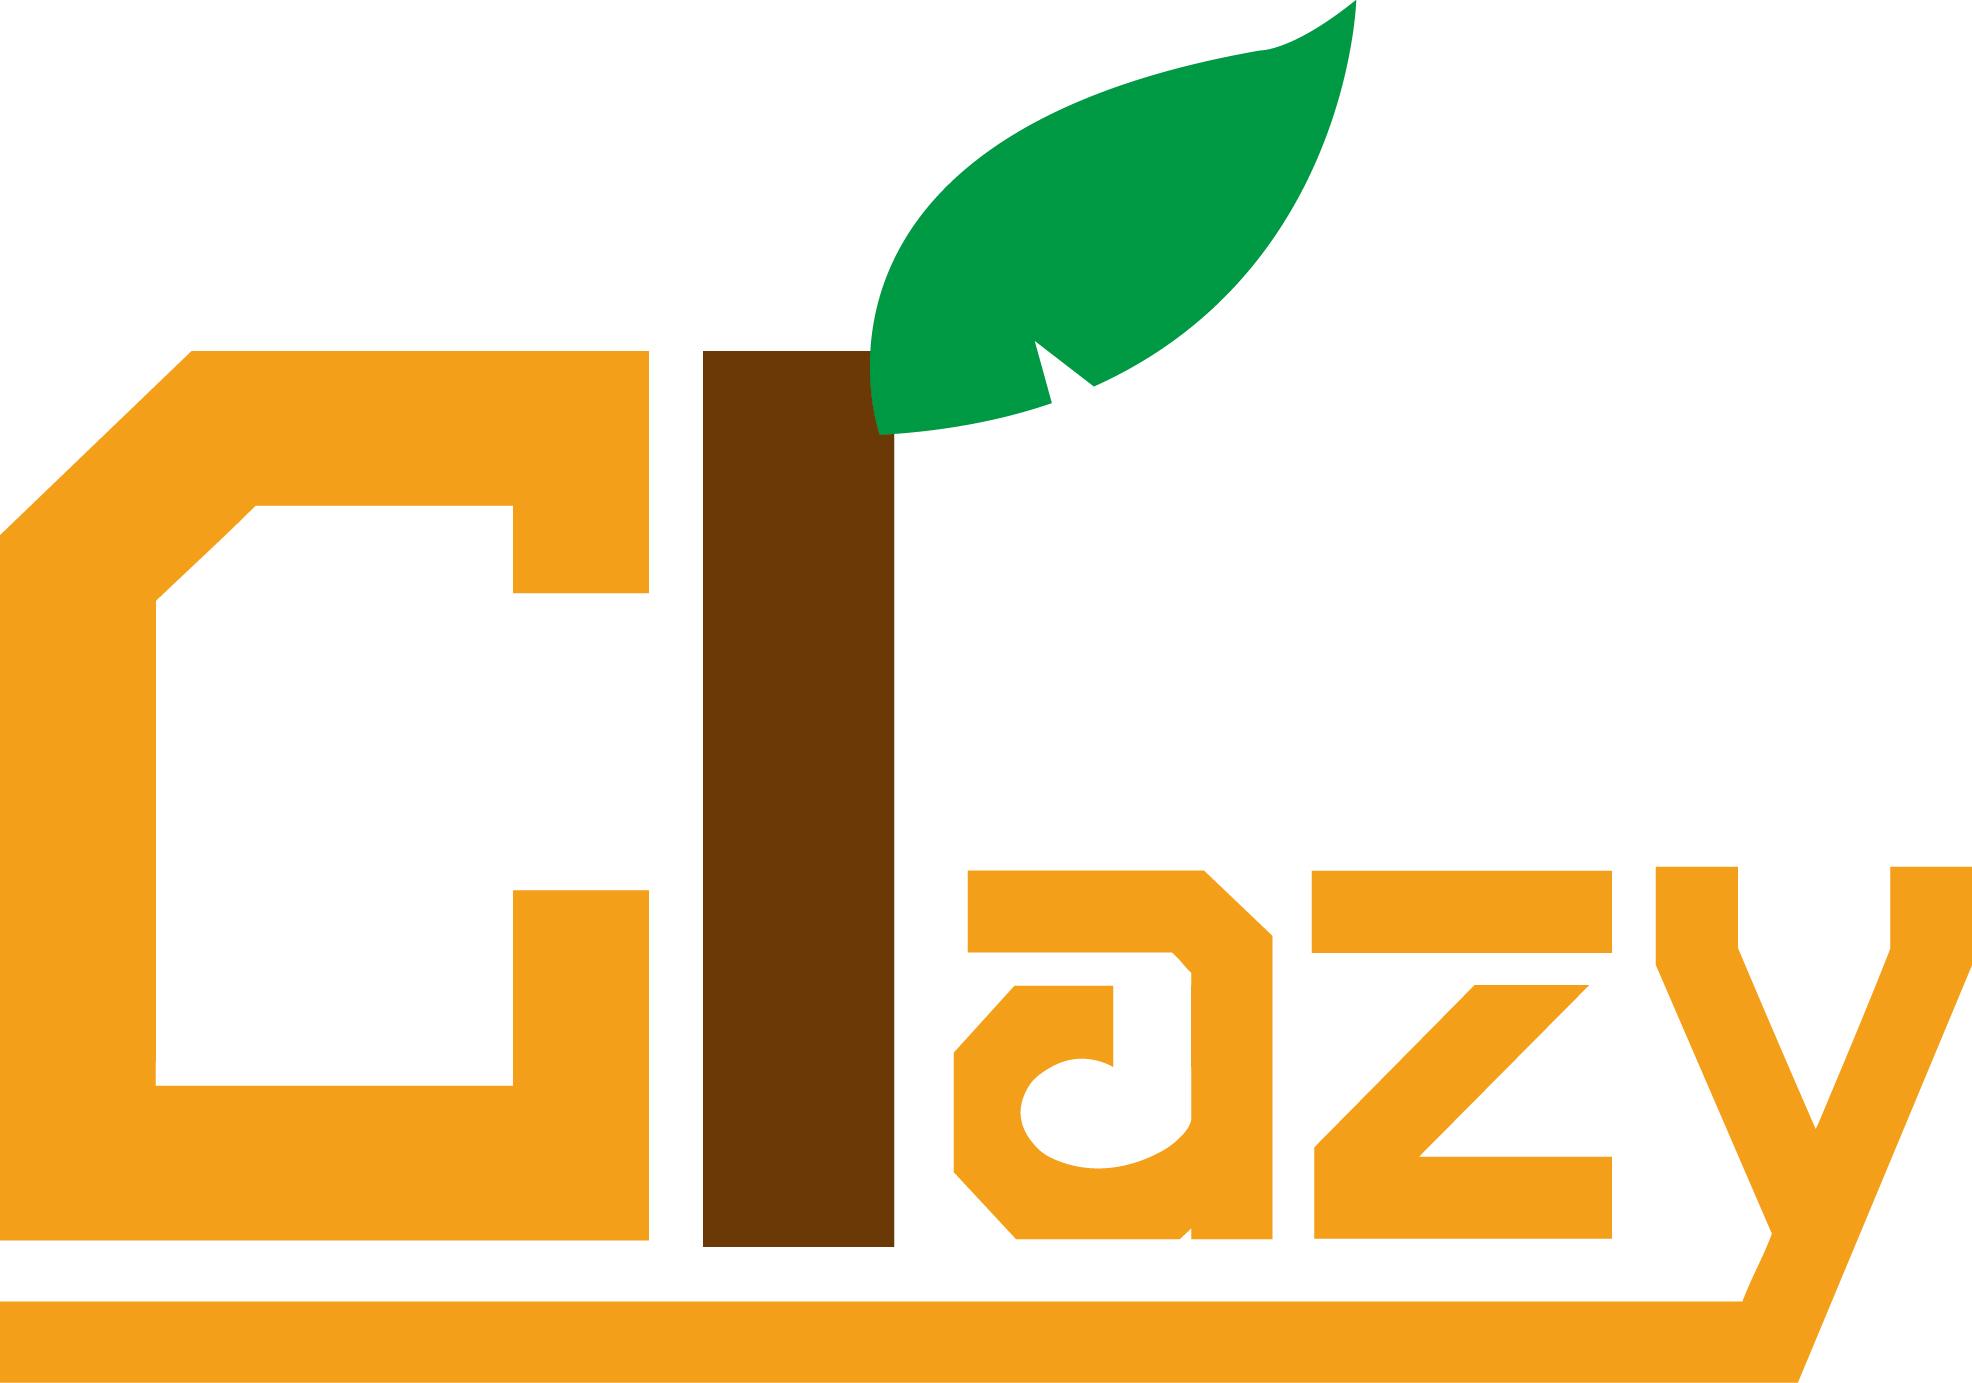 logo logo 标志 设计 矢量 矢量图 素材 图标 1972_1383